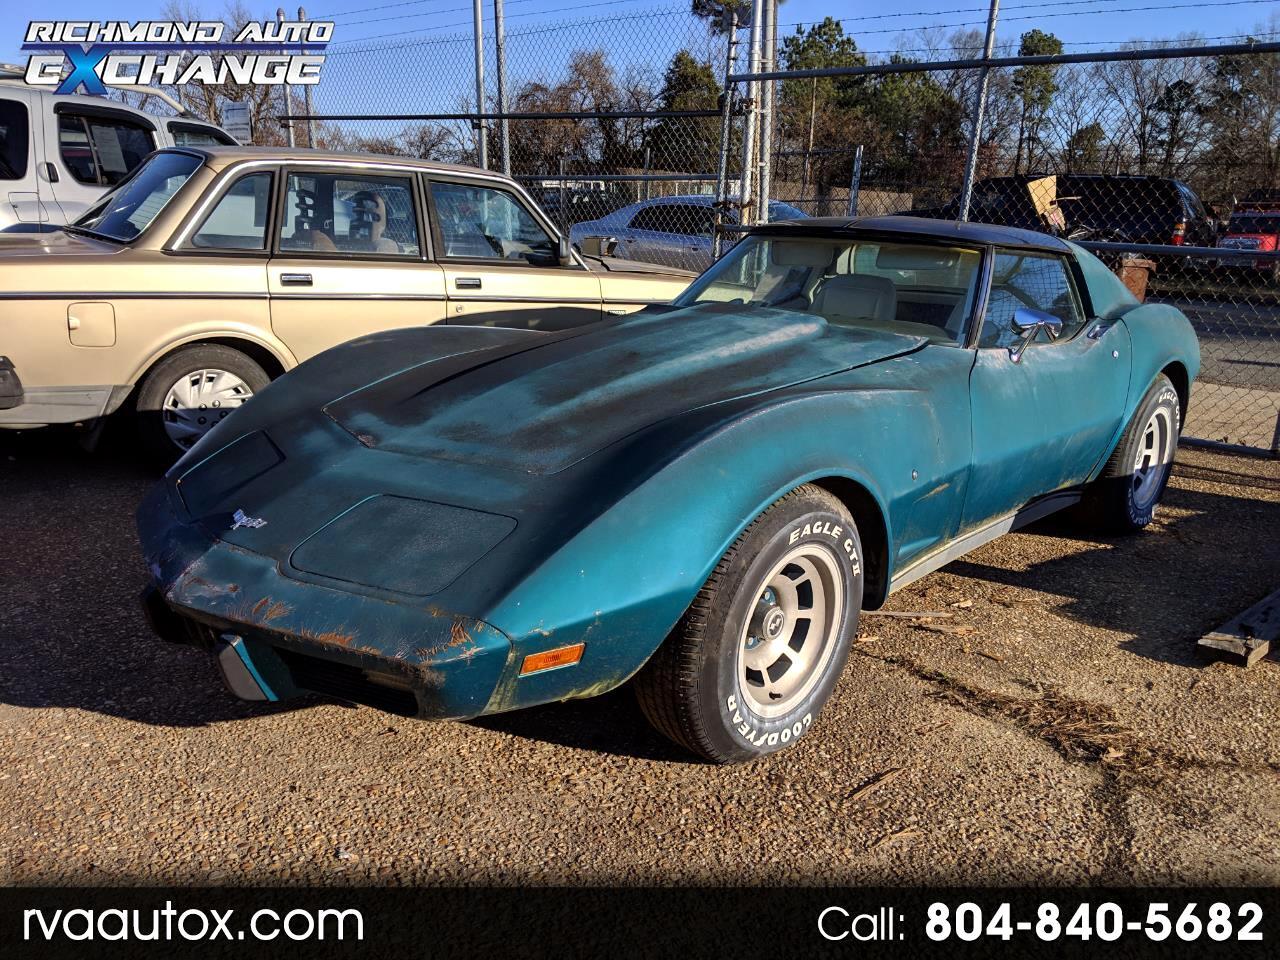 1977 Chevrolet Corvette 2dr Coupe